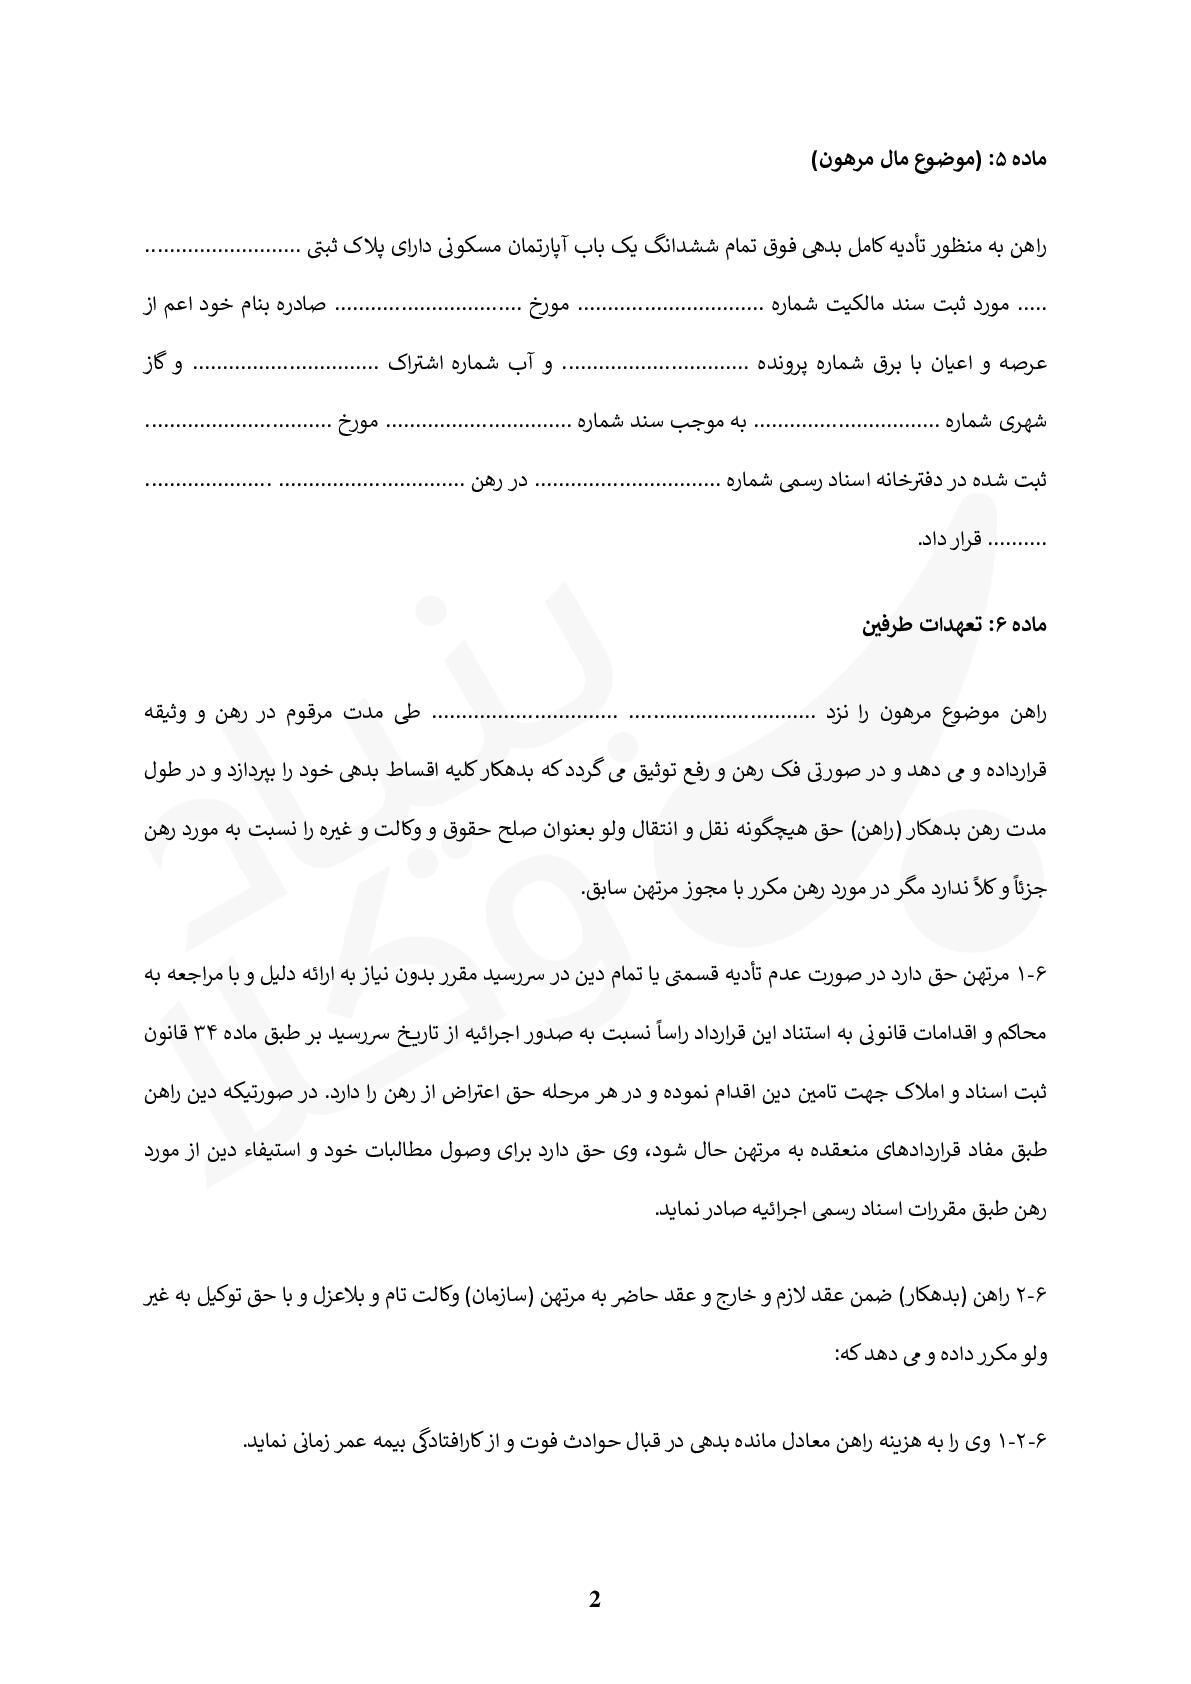 قرارداد رهن بابت تضمین